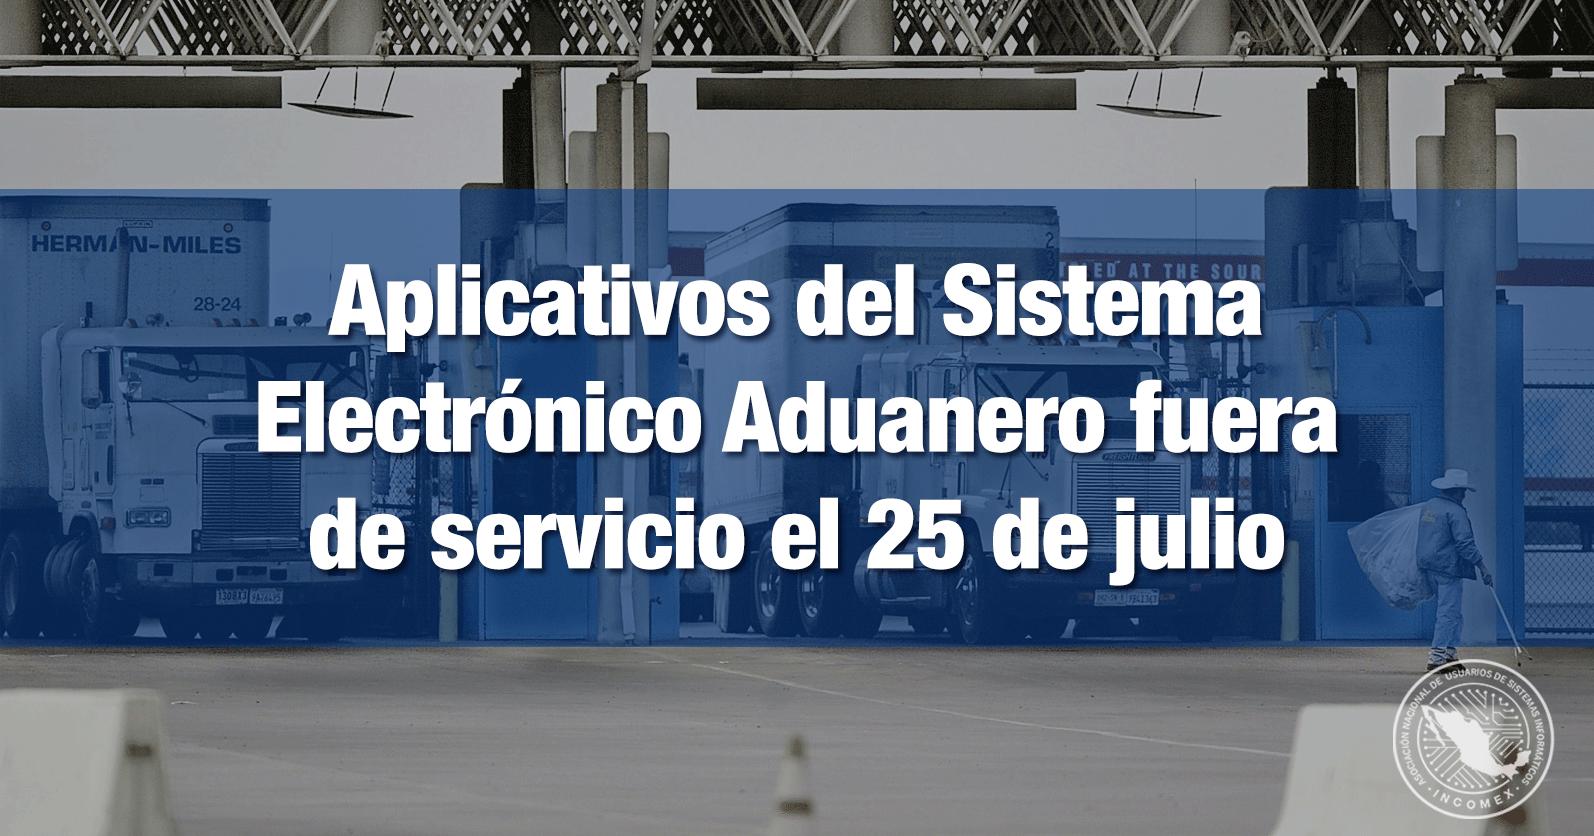 Aplicativos del Sistema Electrónico Aduanero fuera de servicio el 25 de julio